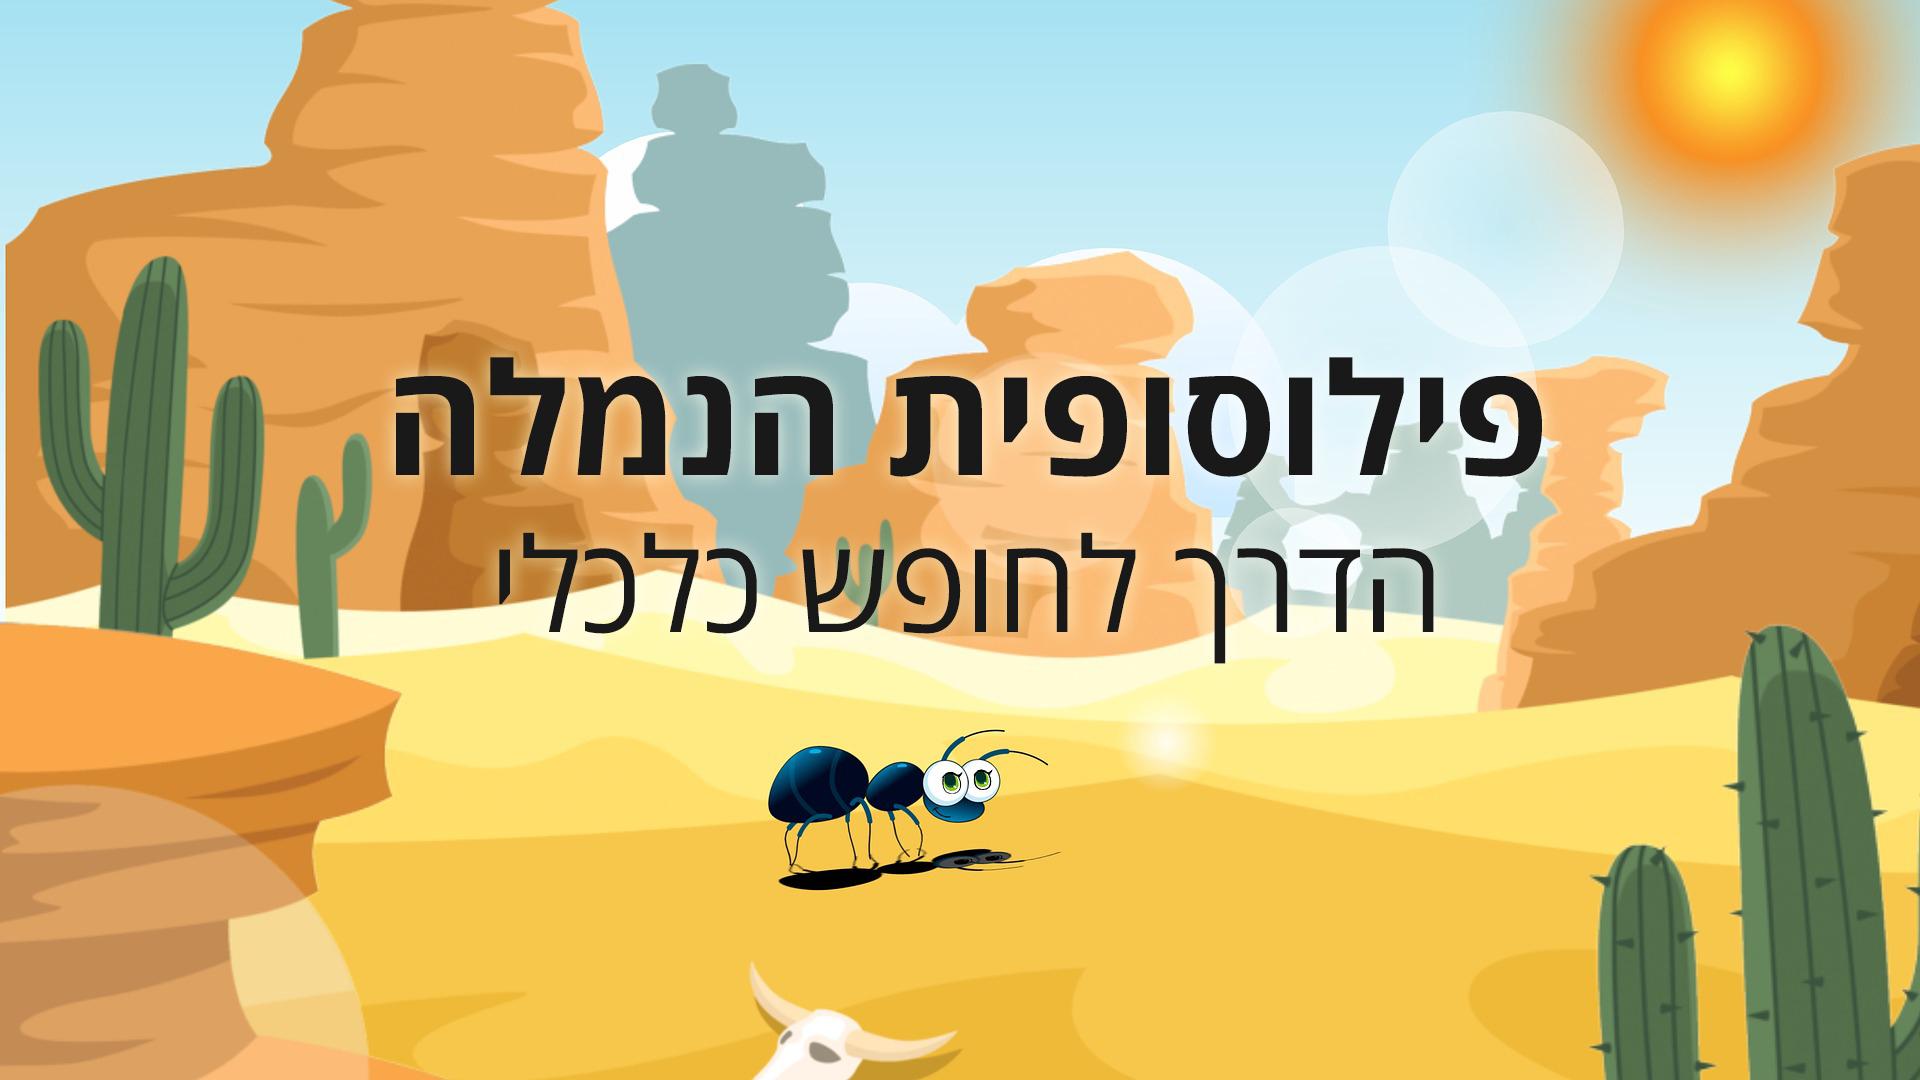 פילוסופית הנמלה - הדרך לחופש כלכלי